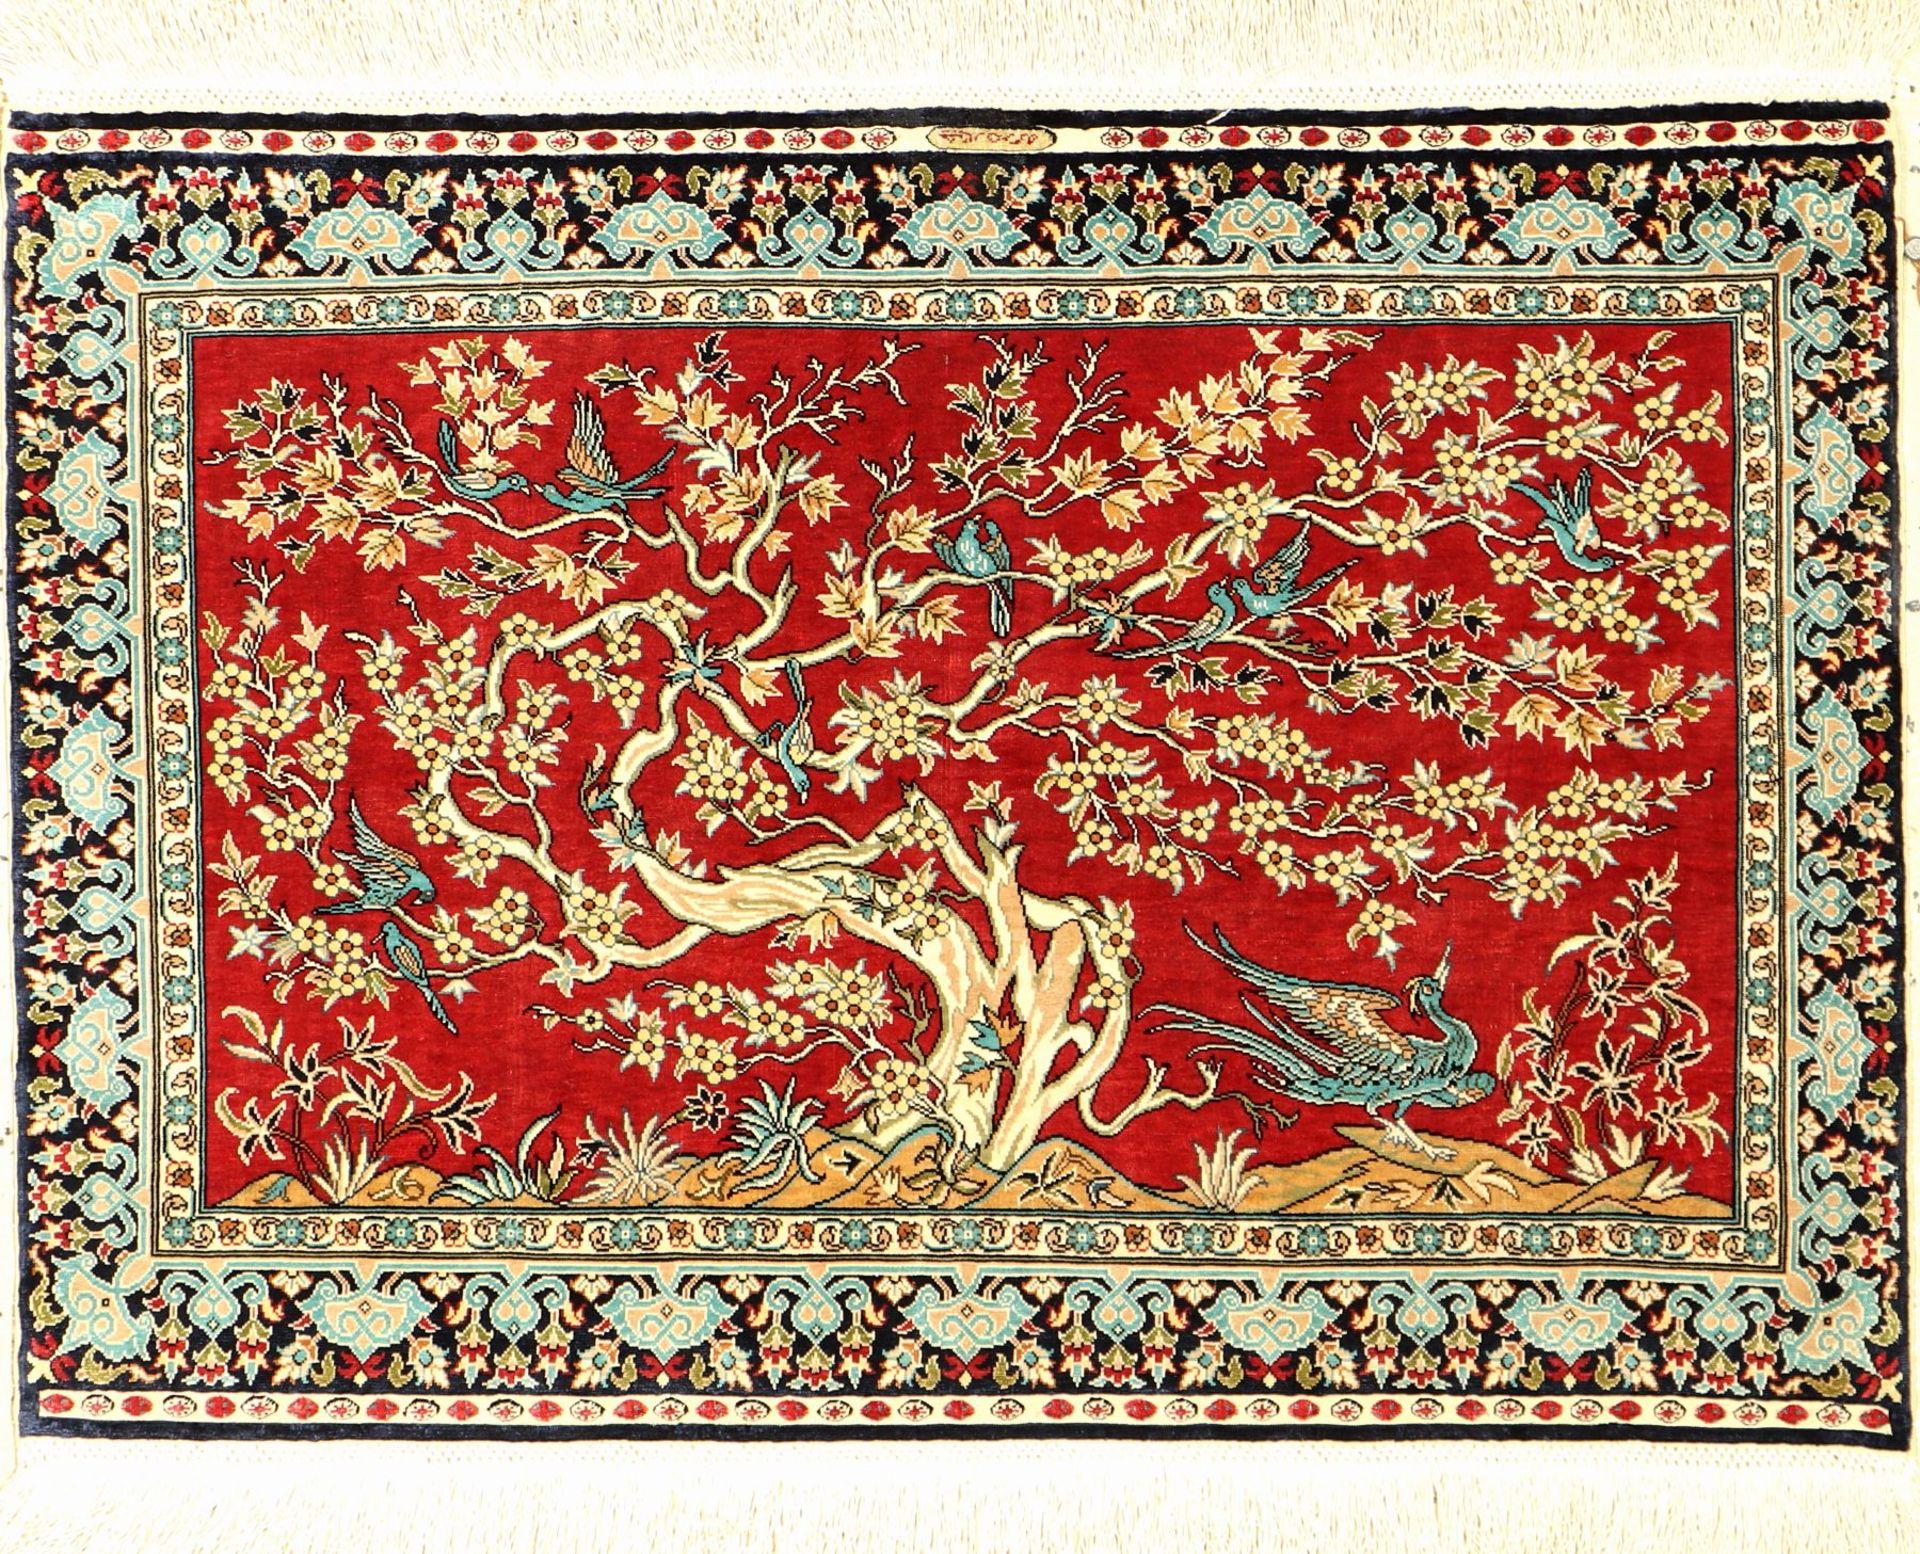 Hereke fein Signiert (Cinar), Türkei, ca. 30 Jahre, reine Naturseide, ca. 75 x 51 cm, EHZ: 2Fine